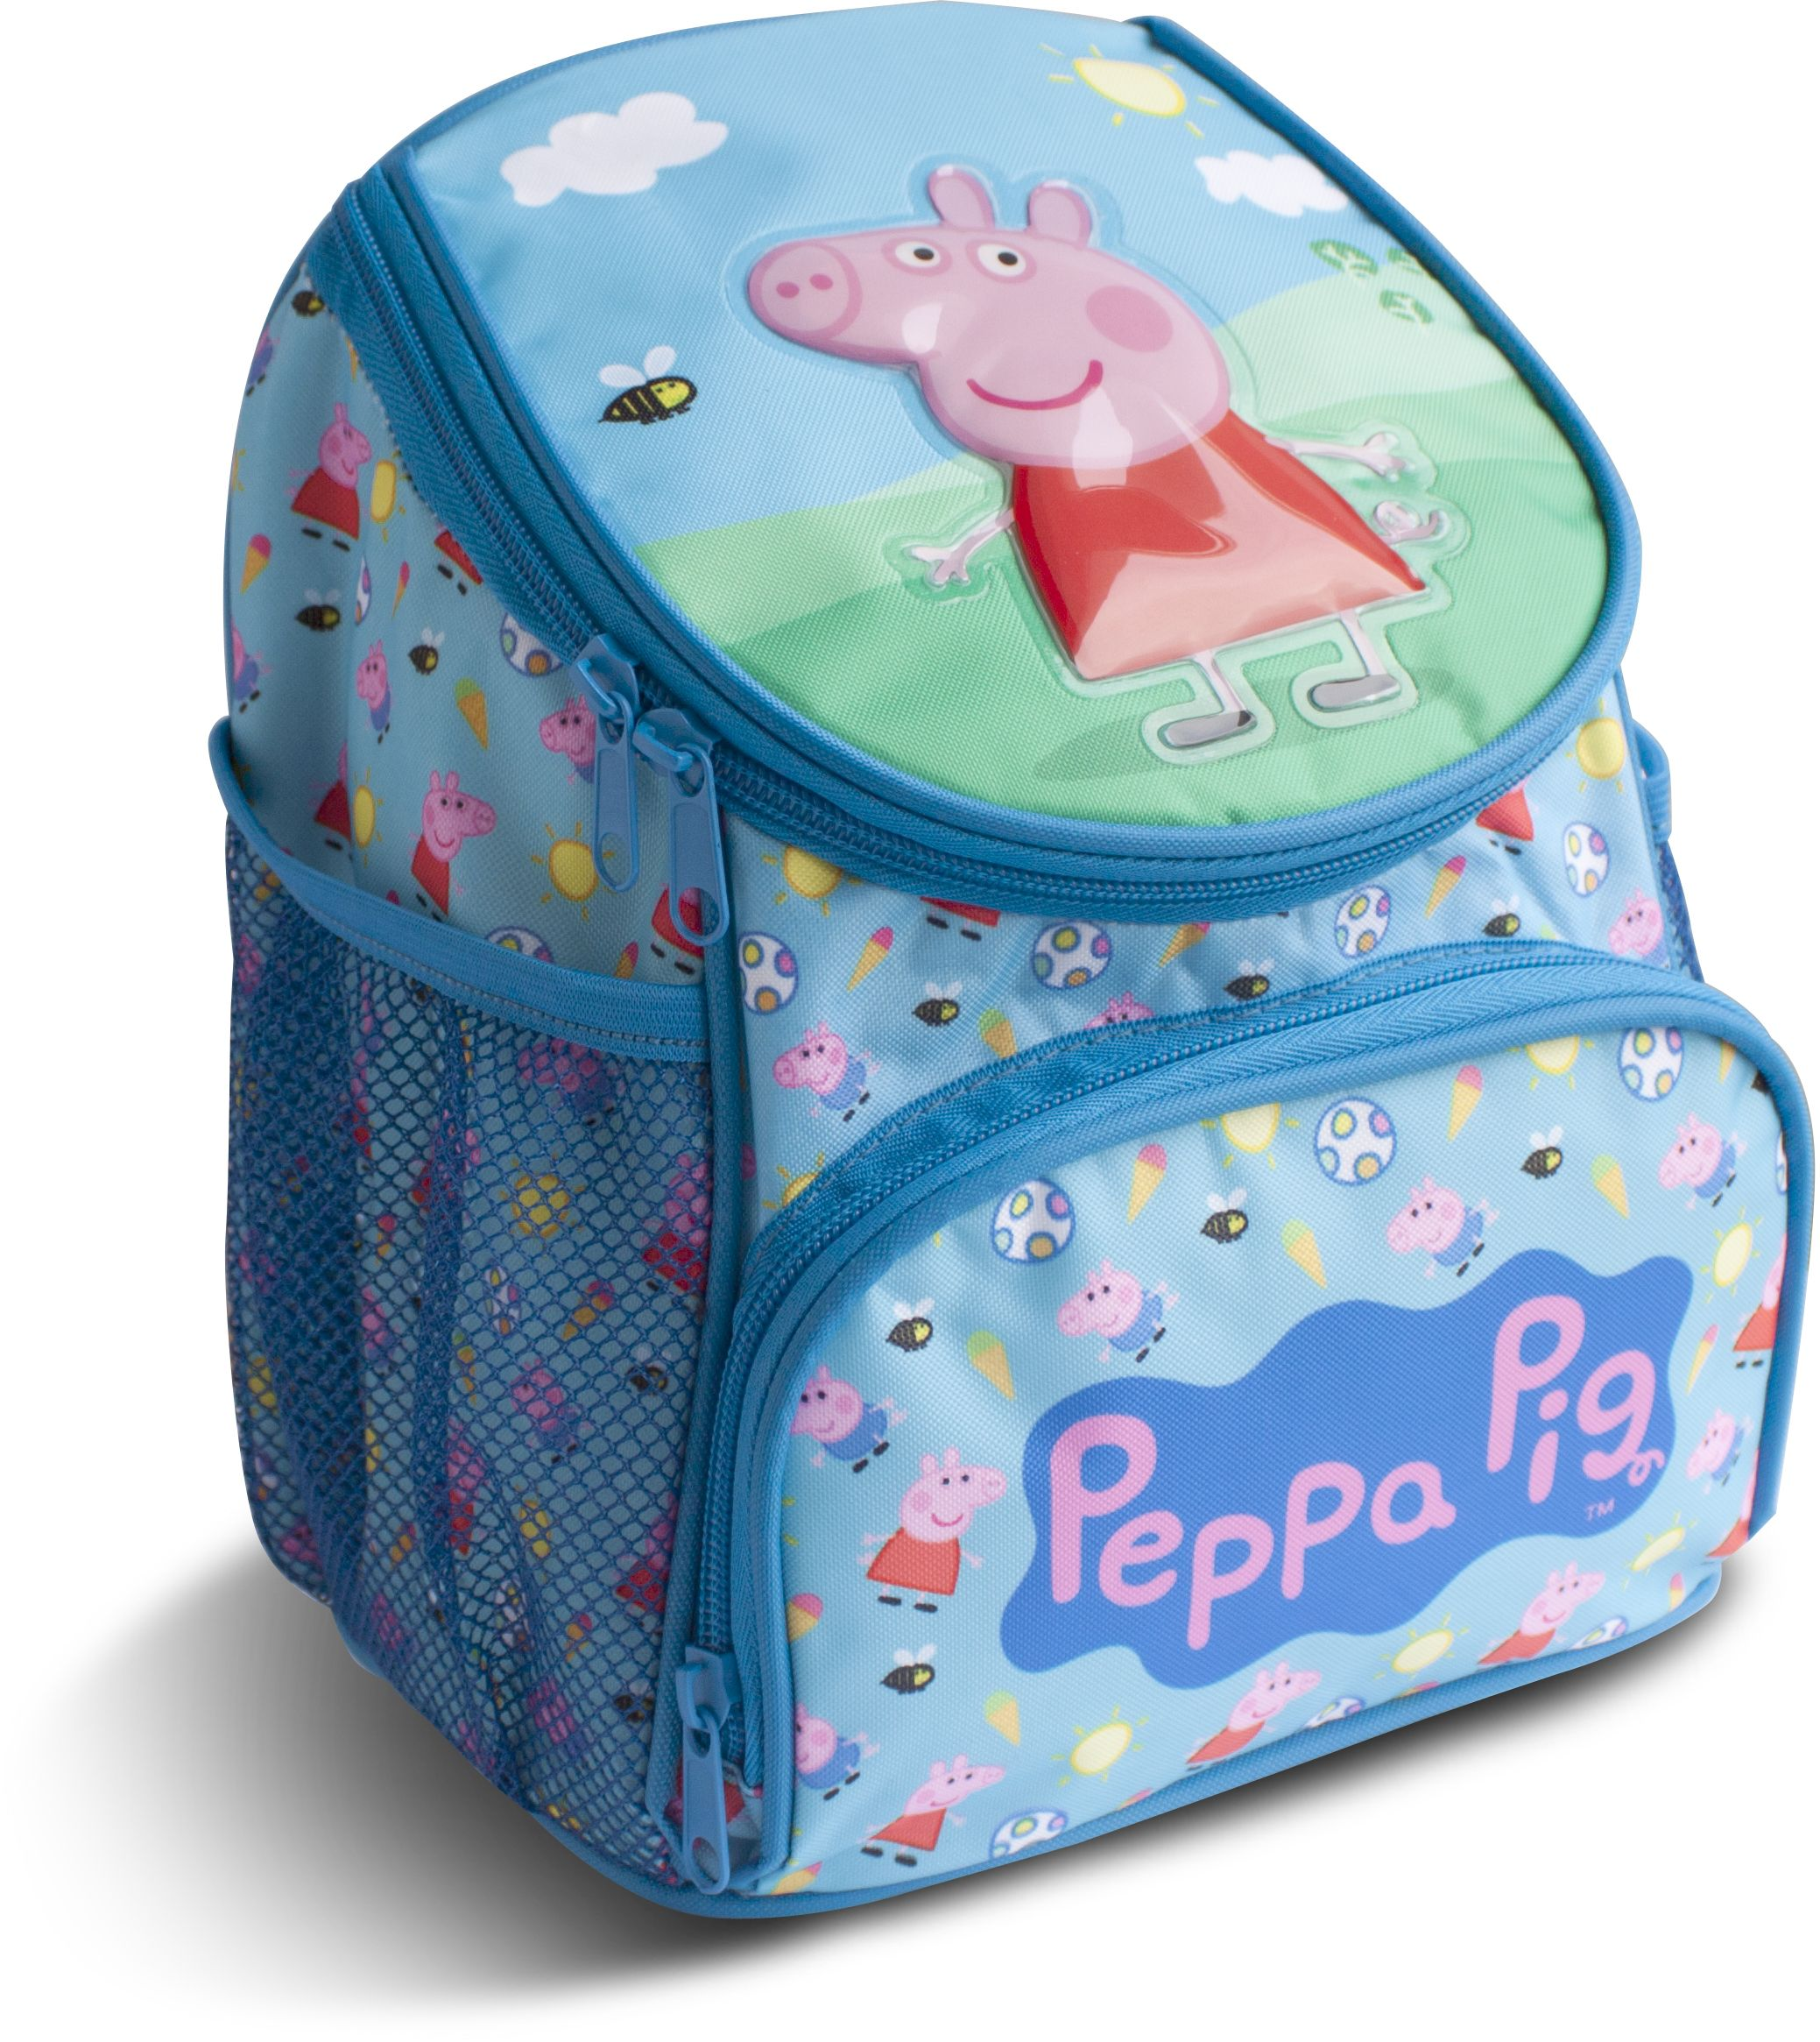 Рюкзачок увеличенный Свинка ПеппаСвинка Пеппа Peppa Pig<br>Рюкзачок увеличенный Свинка Пеппа<br>